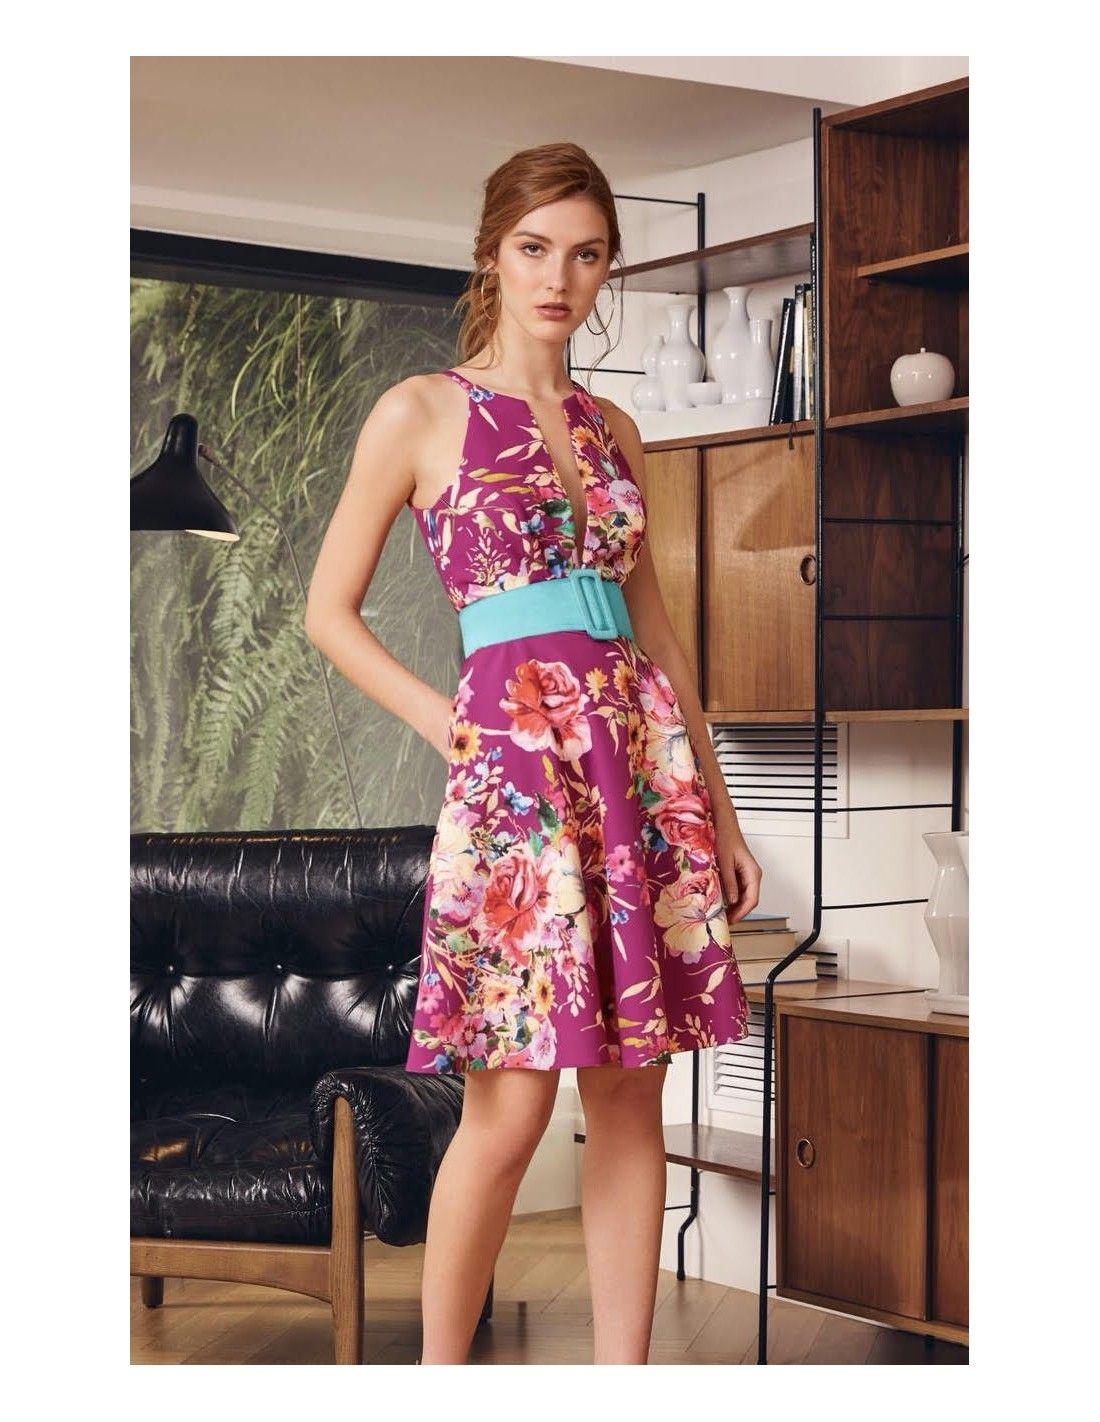 24c6e9d743 Vestido Freya - Vestido corto en color buganvilla con estampado de flores.  Escote en V